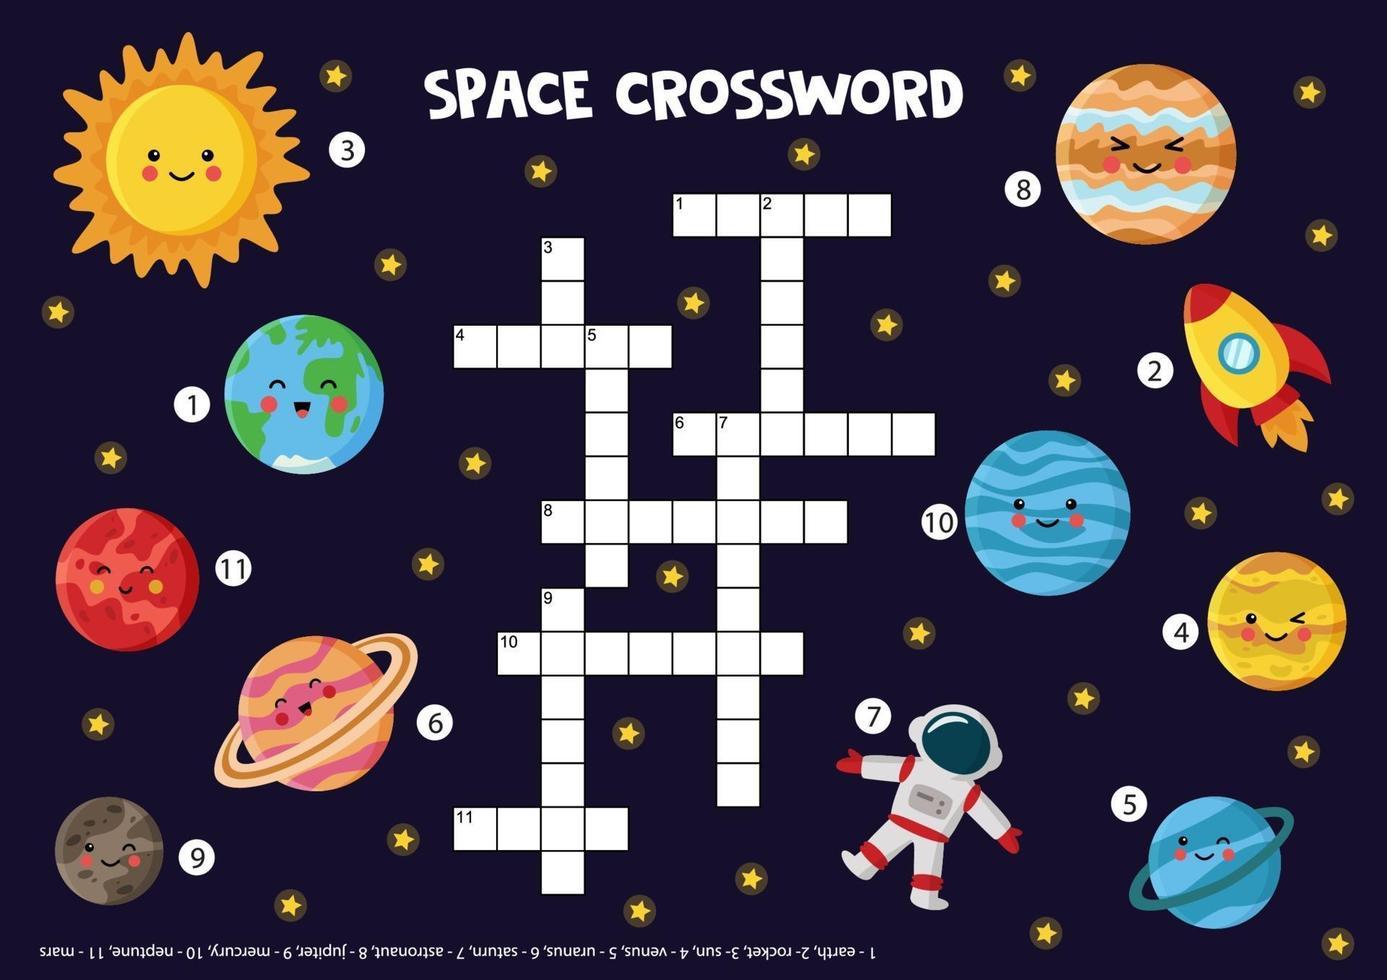 crucigrama espacial para niños con planetas del sistema solar, sol, cohete. vector